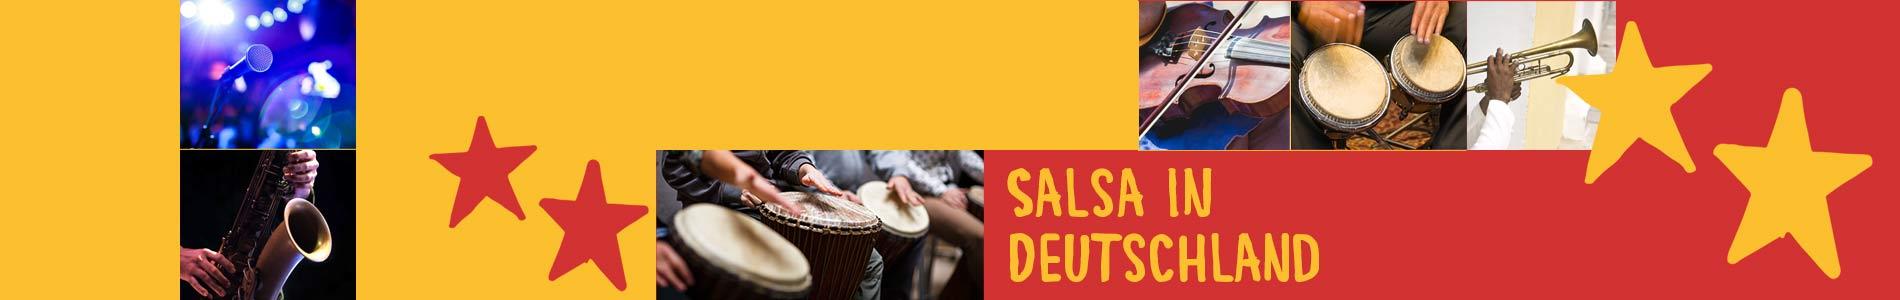 Salsa in Breitenburg – Salsa lernen und tanzen, Tanzkurse, Partys, Veranstaltungen